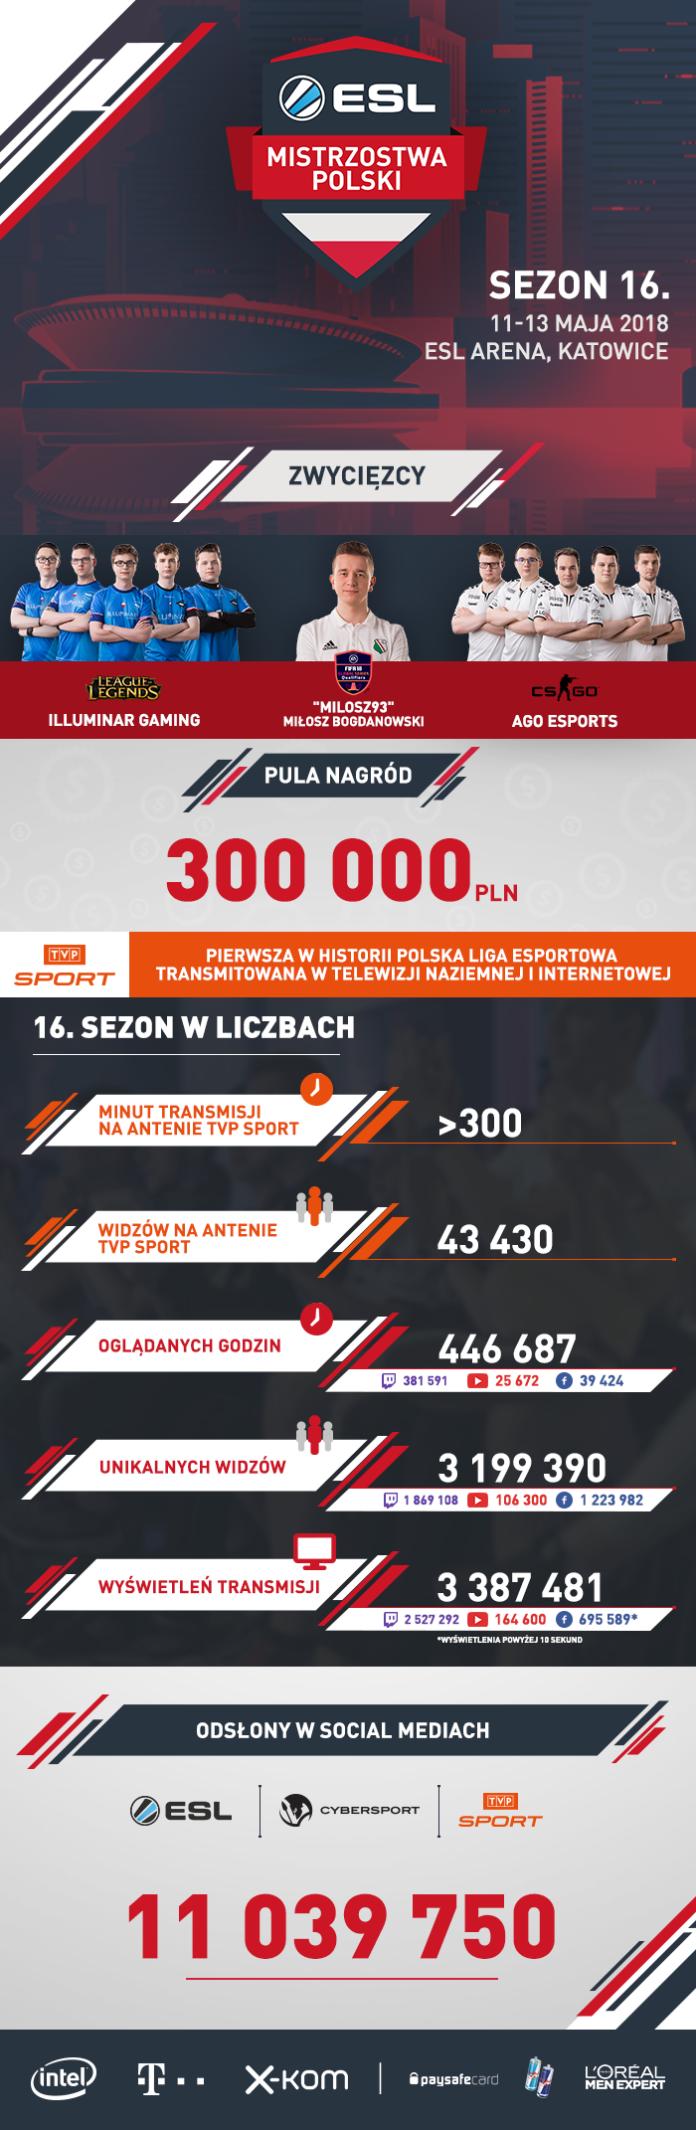 Finały 16. sezonu ESL Mistrzostw Polski w liczbach